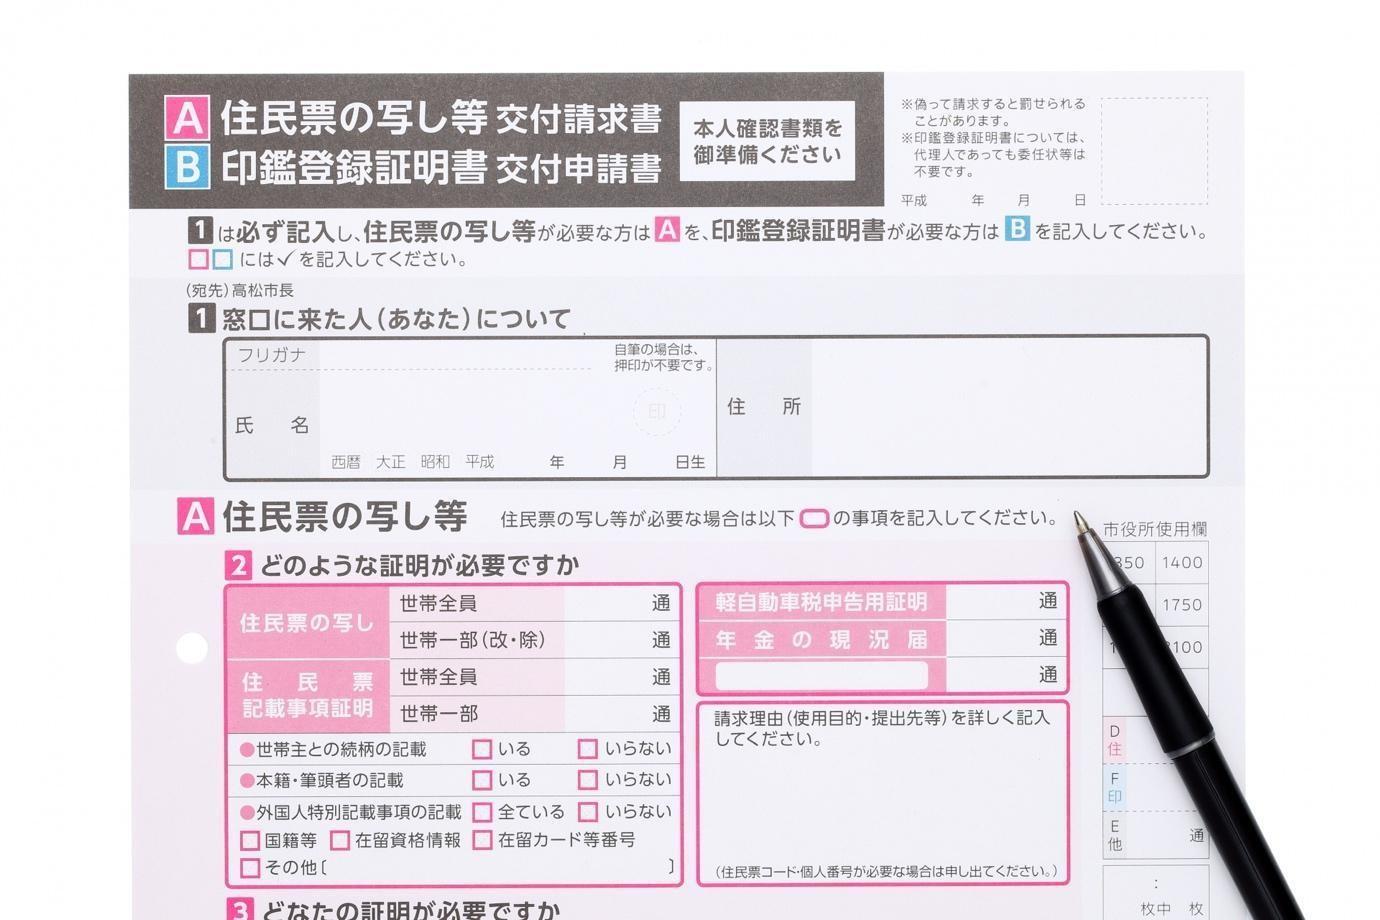 住民票の写し等・印鑑登録証明書交付申請書